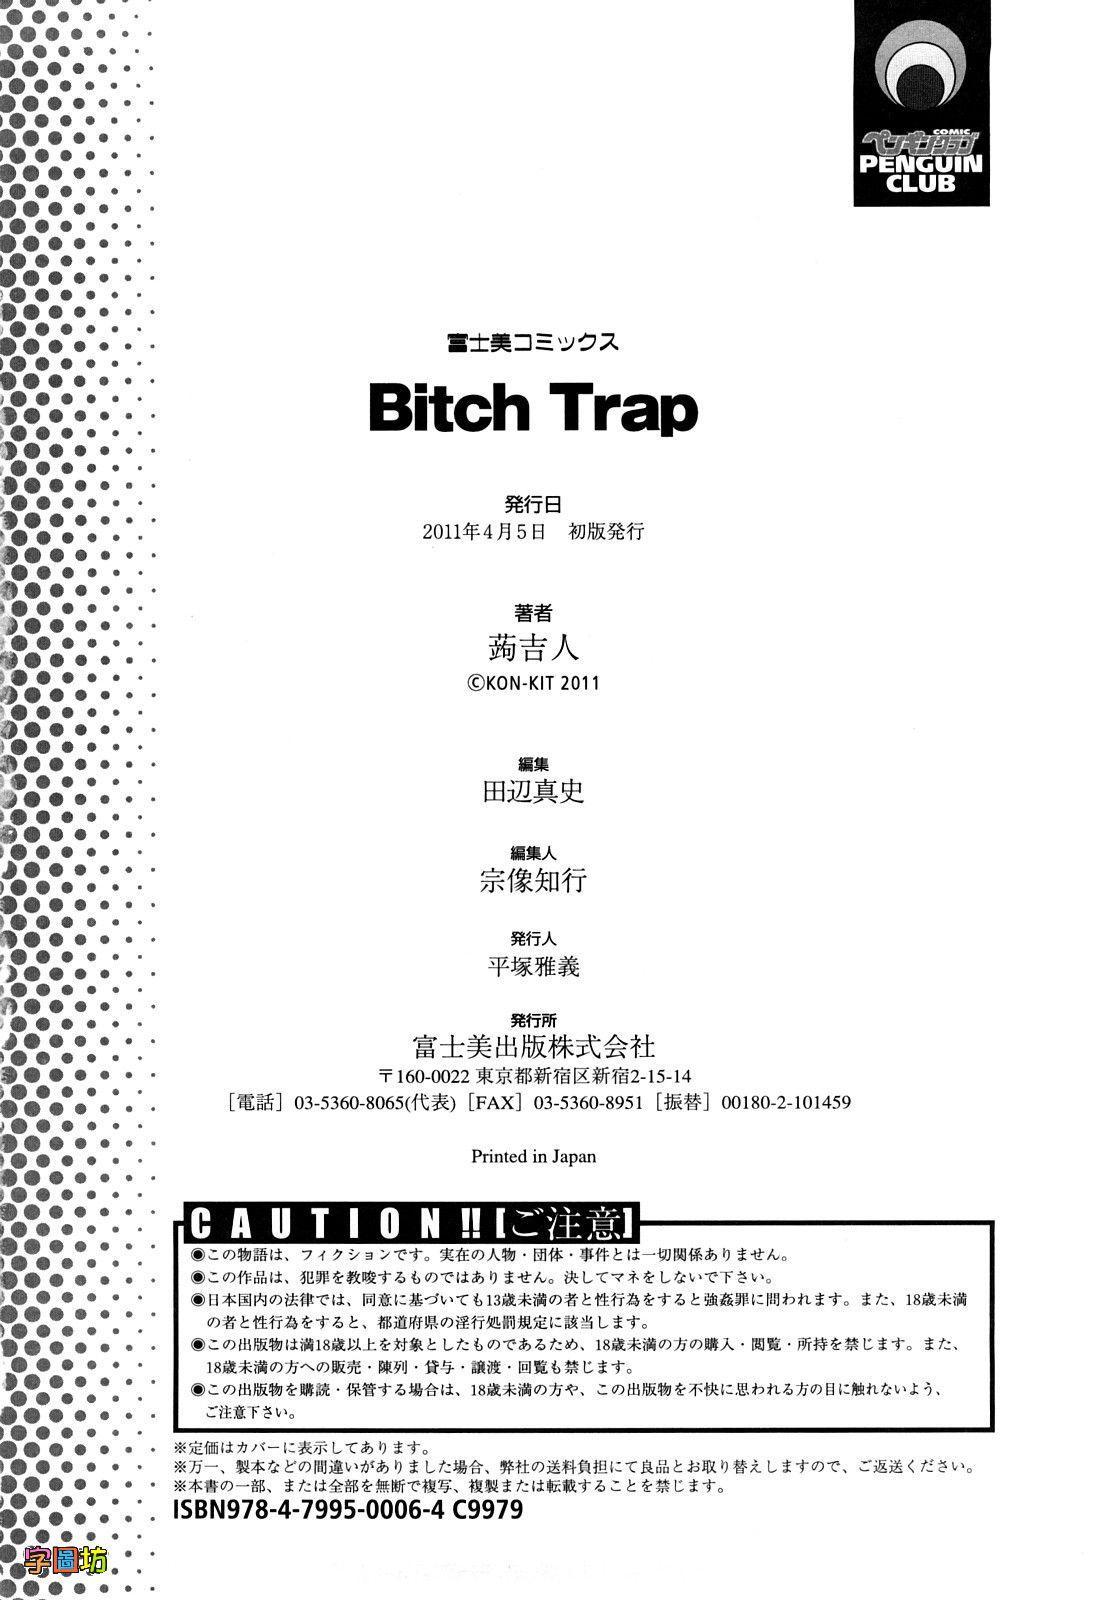 Bitch Trap 200